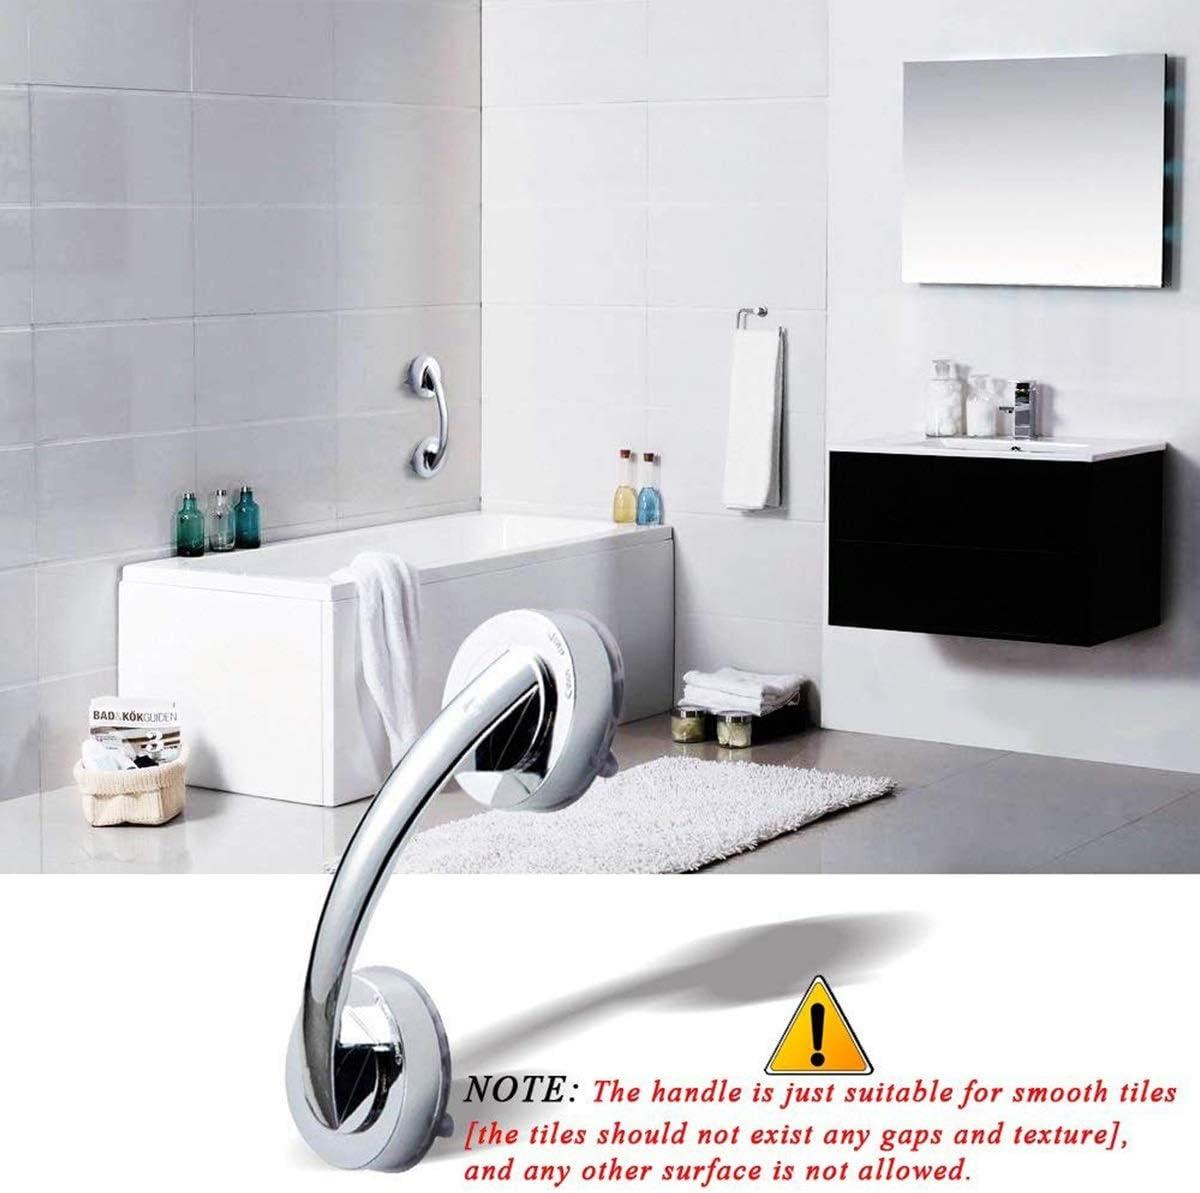 Poign/ée de porte Super Power Suction Cup Support de s/écurit/é puissant Rampe Accoudoir aidant lextracteur Barre dappui pour salle de bains Color : Silver